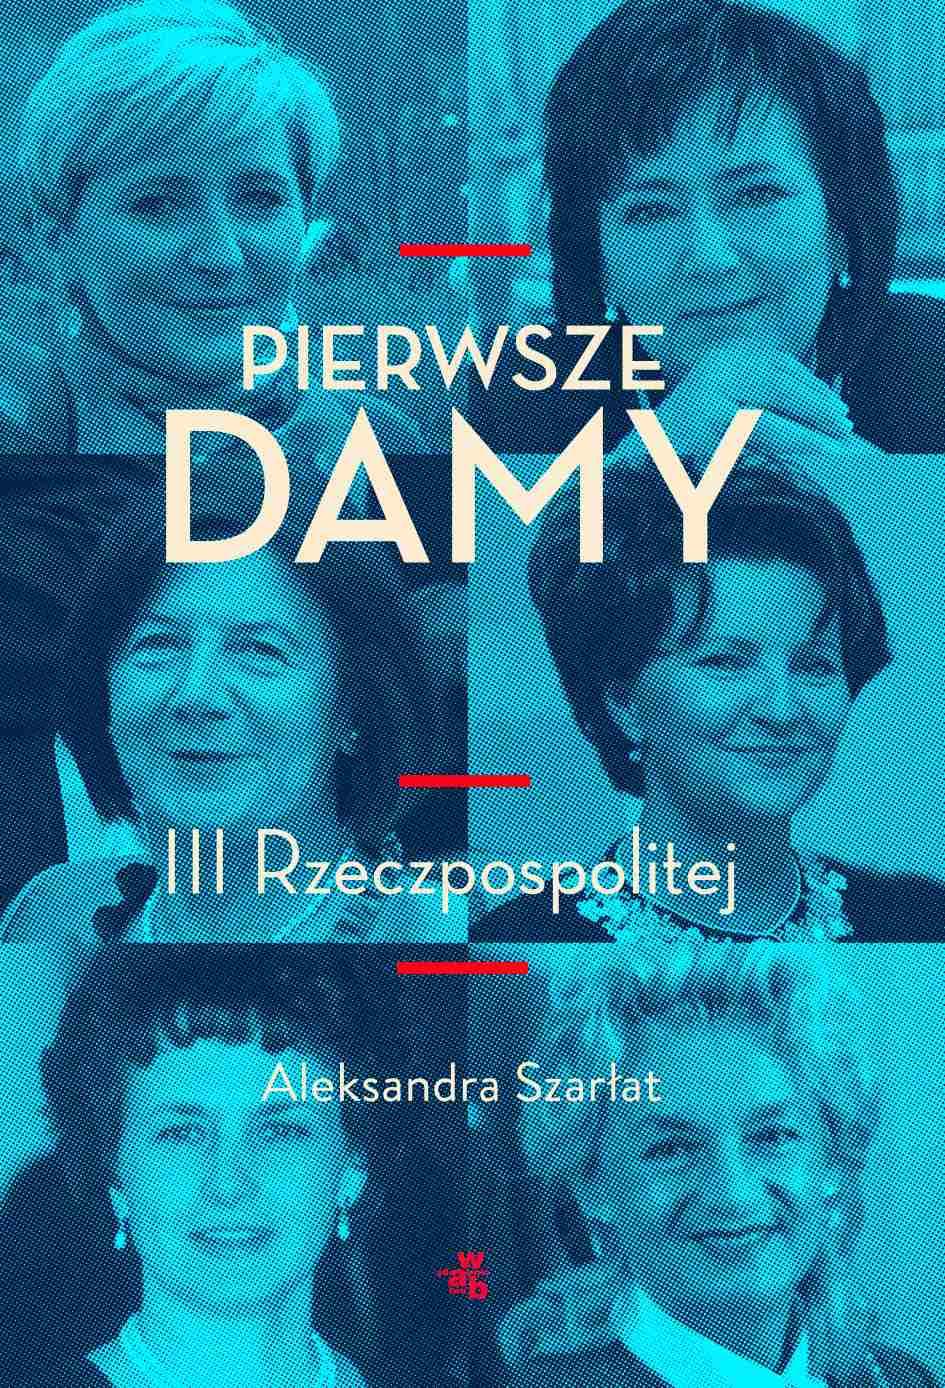 Pierwsze damy III Rzeczpospolitej - Ebook (Książka EPUB) do pobrania w formacie EPUB